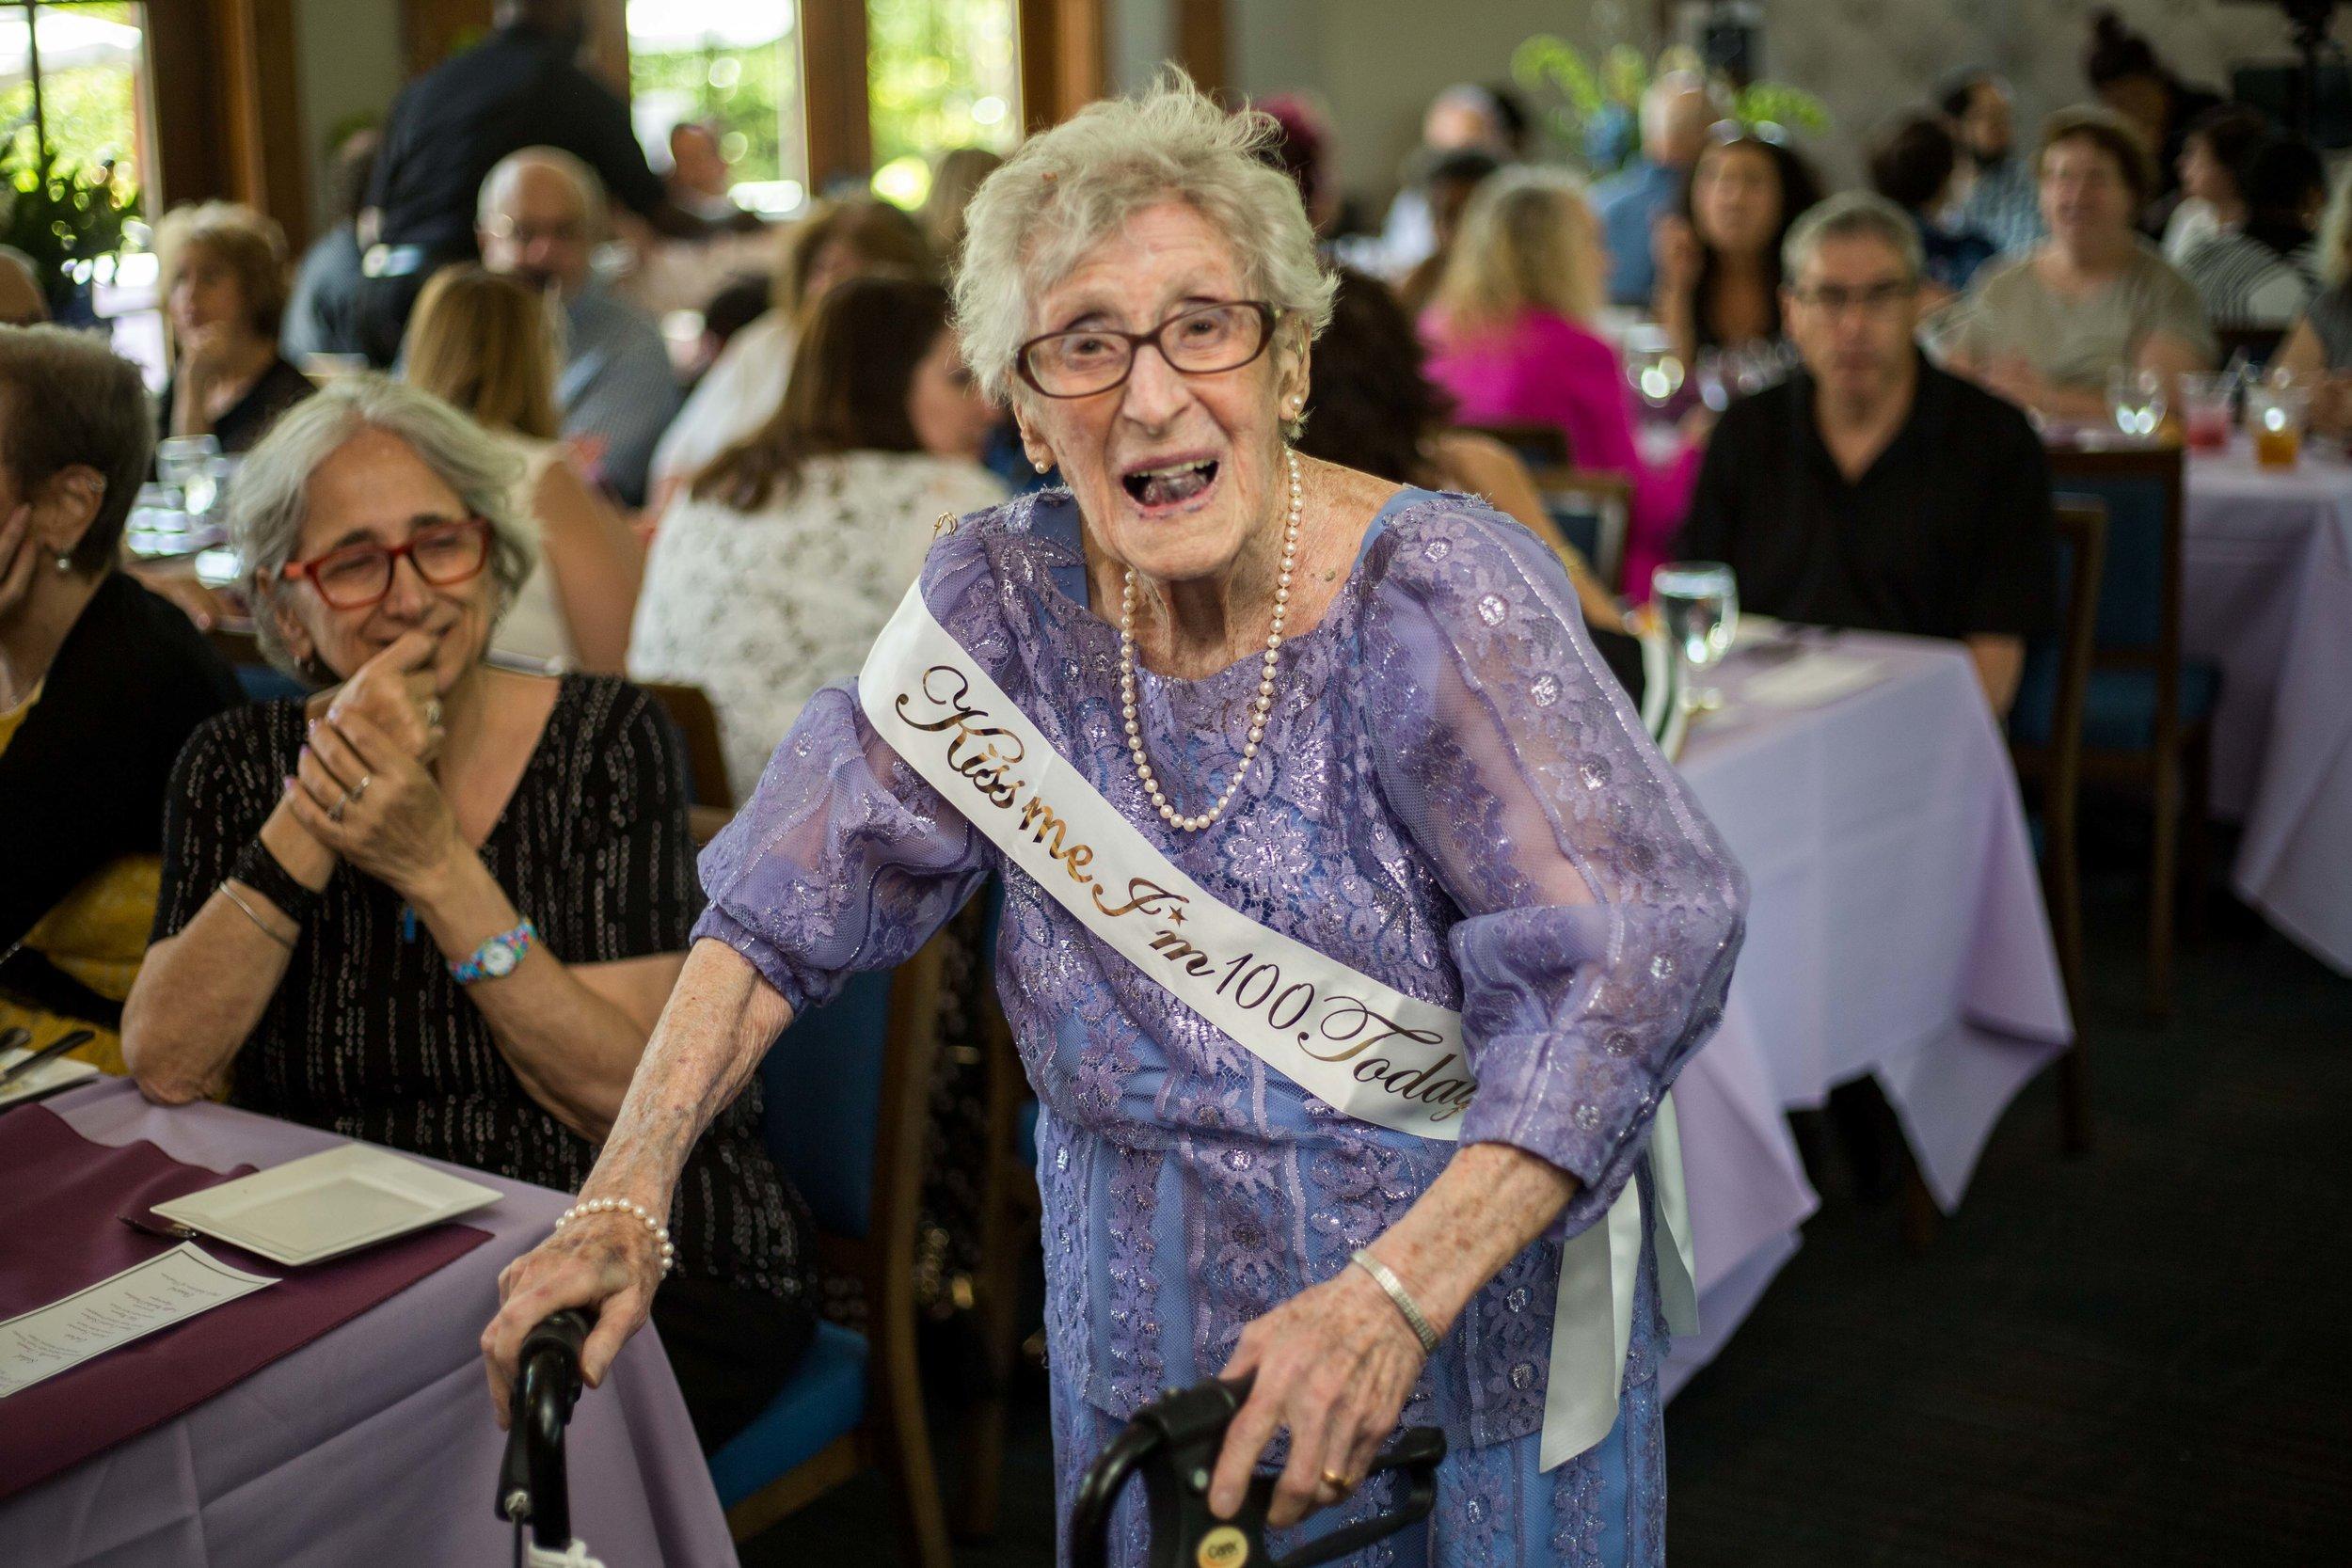 McLoones Boathouse West Orange NJ 100th Birthday Party Event Photos-19.jpg